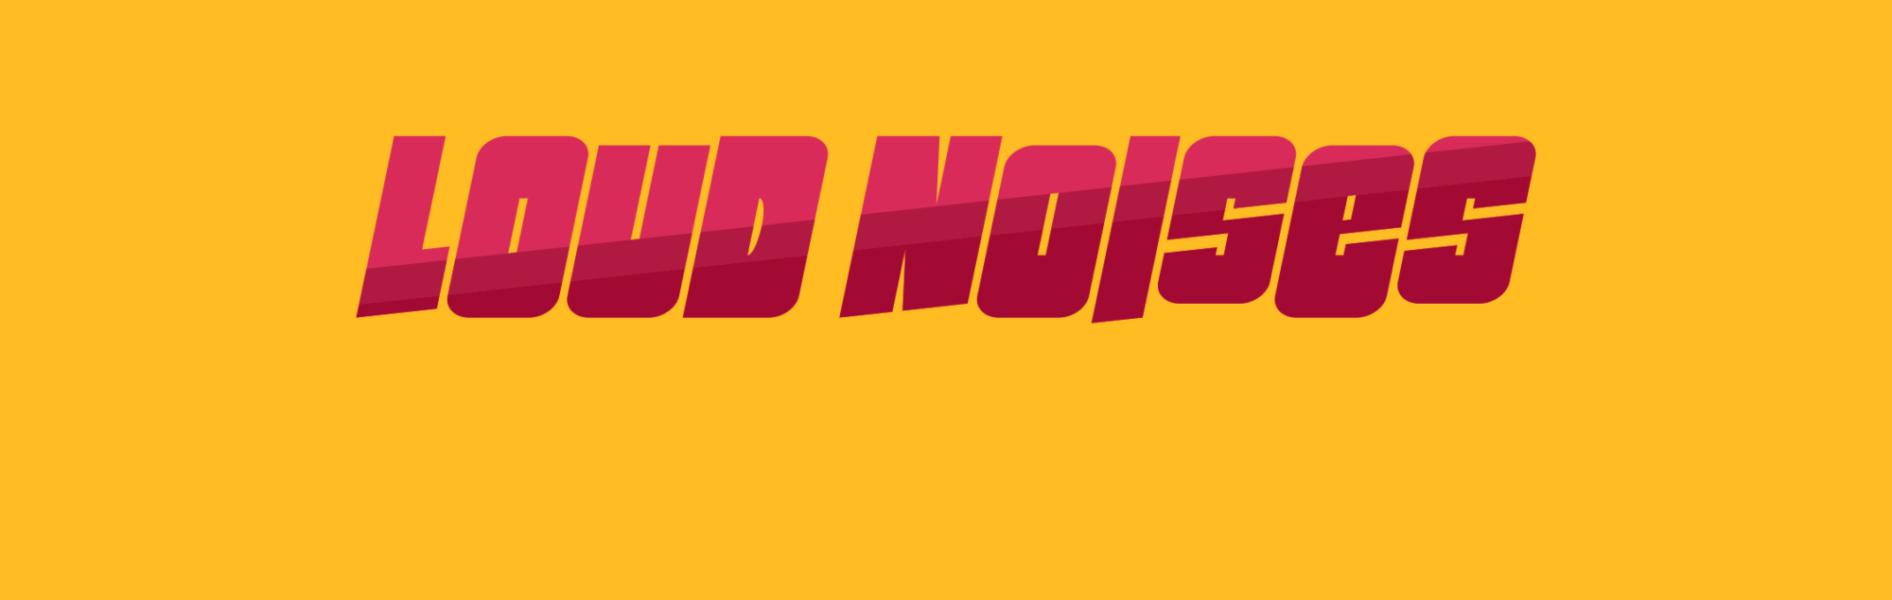 Loud Noises Banner